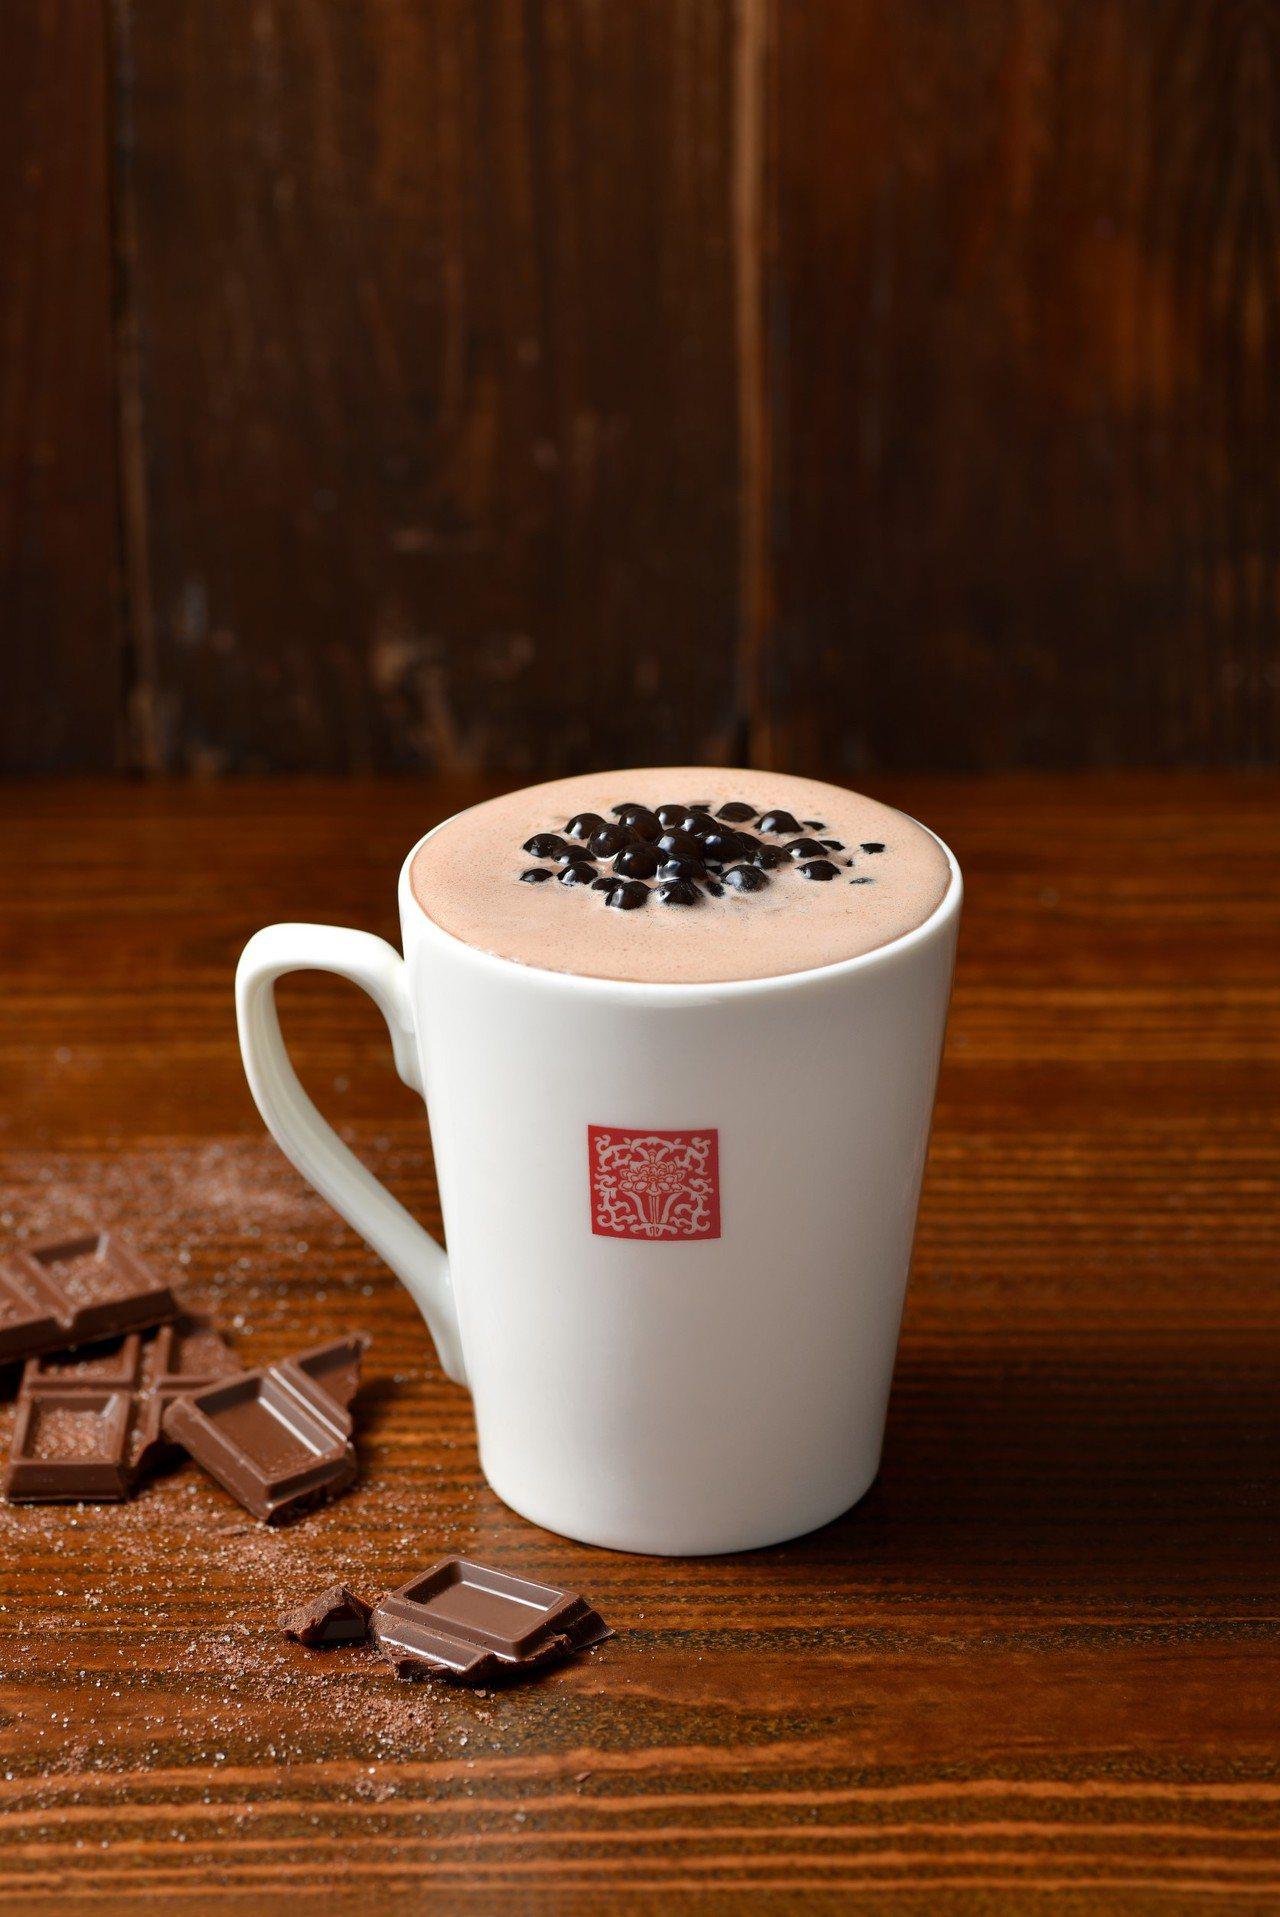 春水堂的巧克力奶茶原本在2016年停賣,因為女高中生的一封信強勢回歸。圖/春水堂...